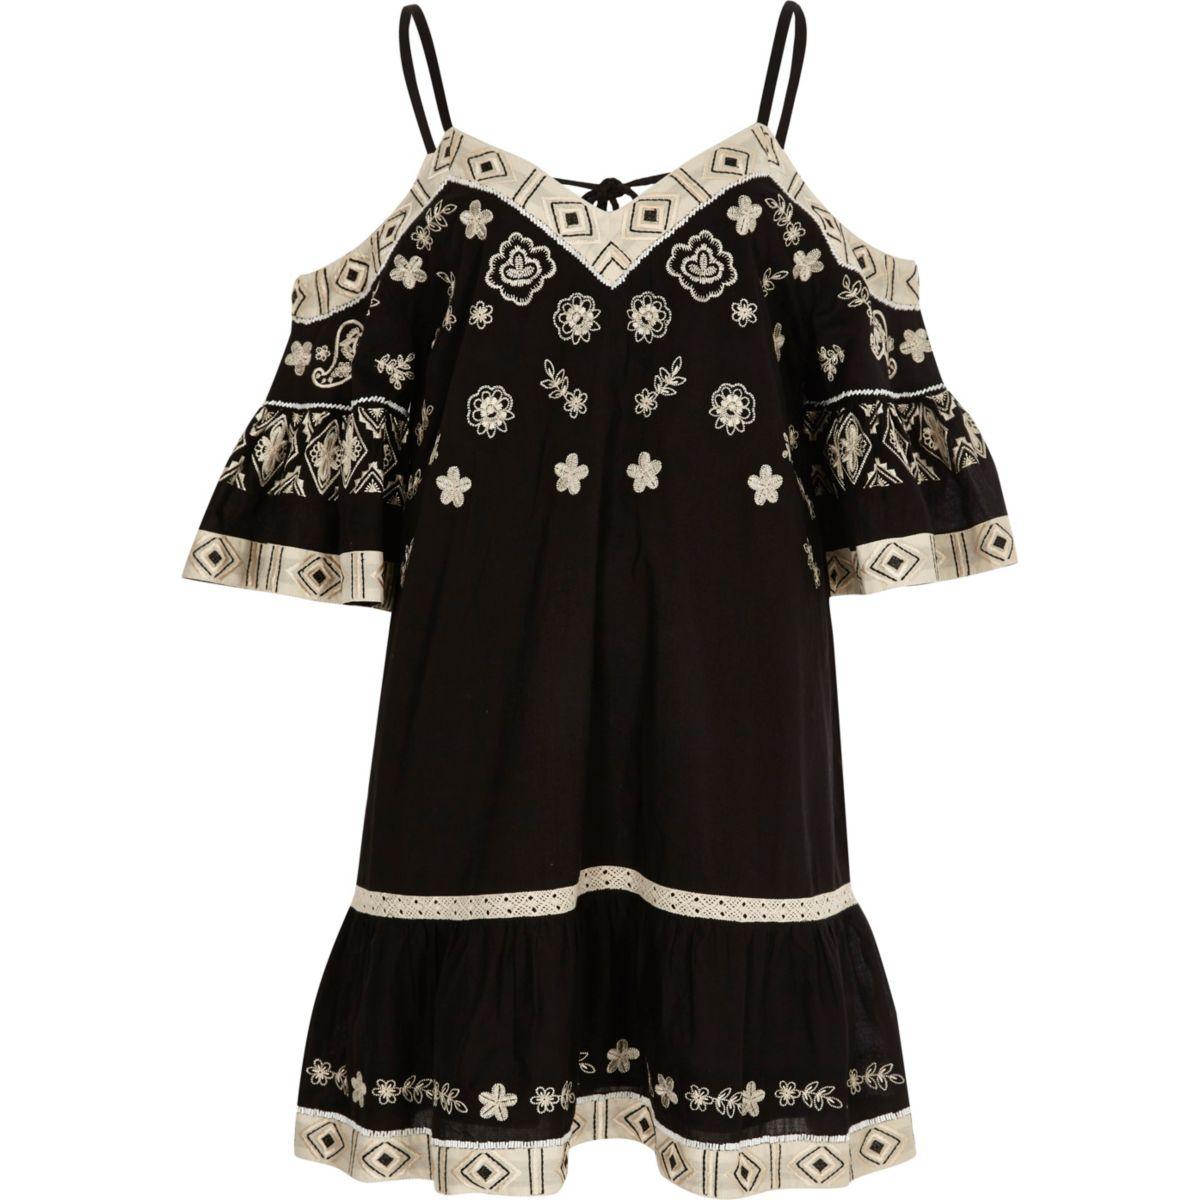 Schwarzes und cremefarbenes verziertes Swing-Kleid